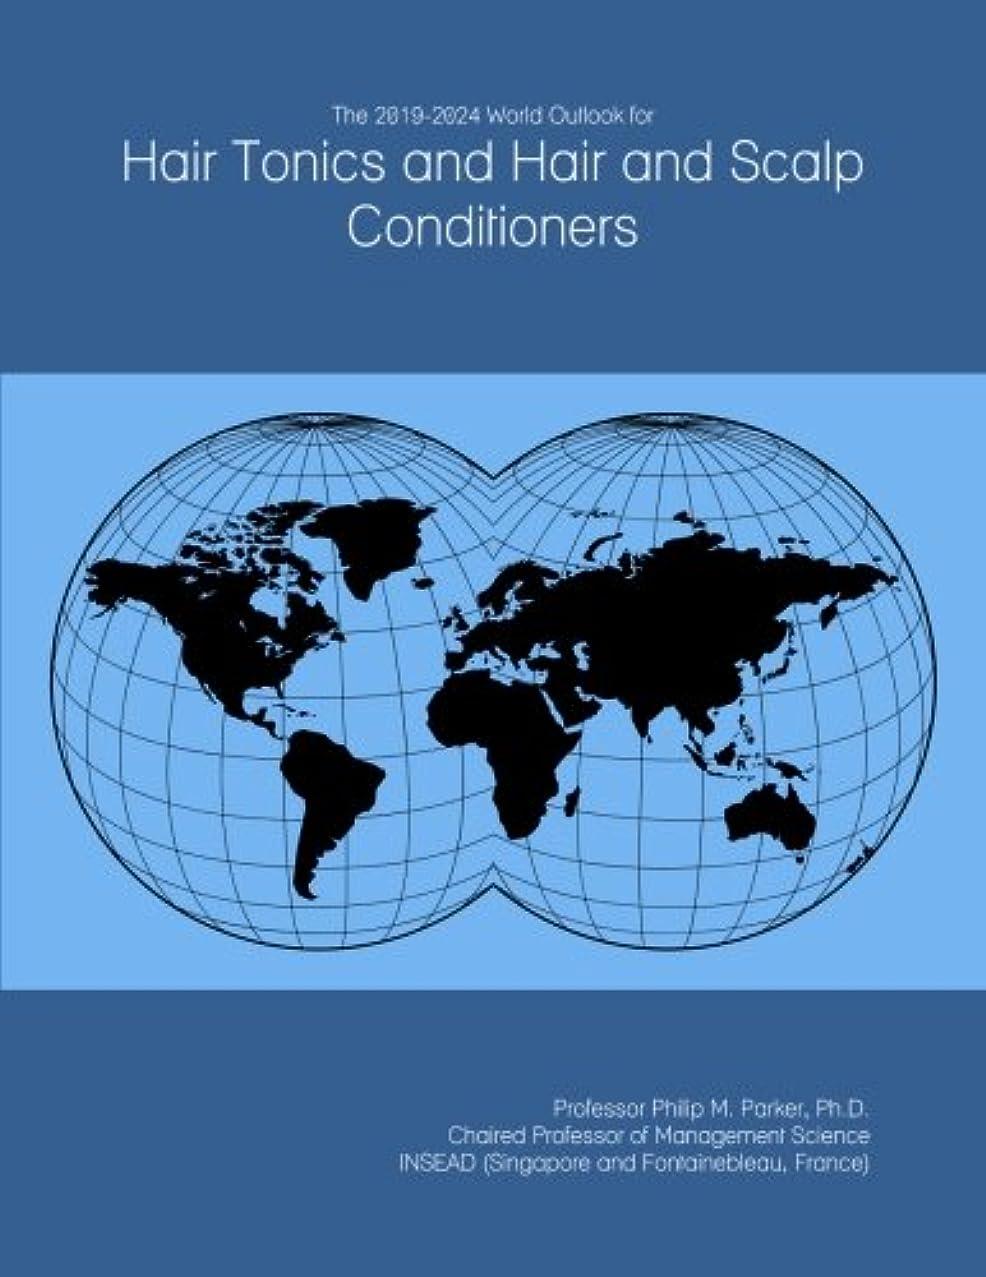 柔らかい足ローマ人純粋なThe 2019-2024 World Outlook for Hair Tonics and Hair and Scalp Conditioners